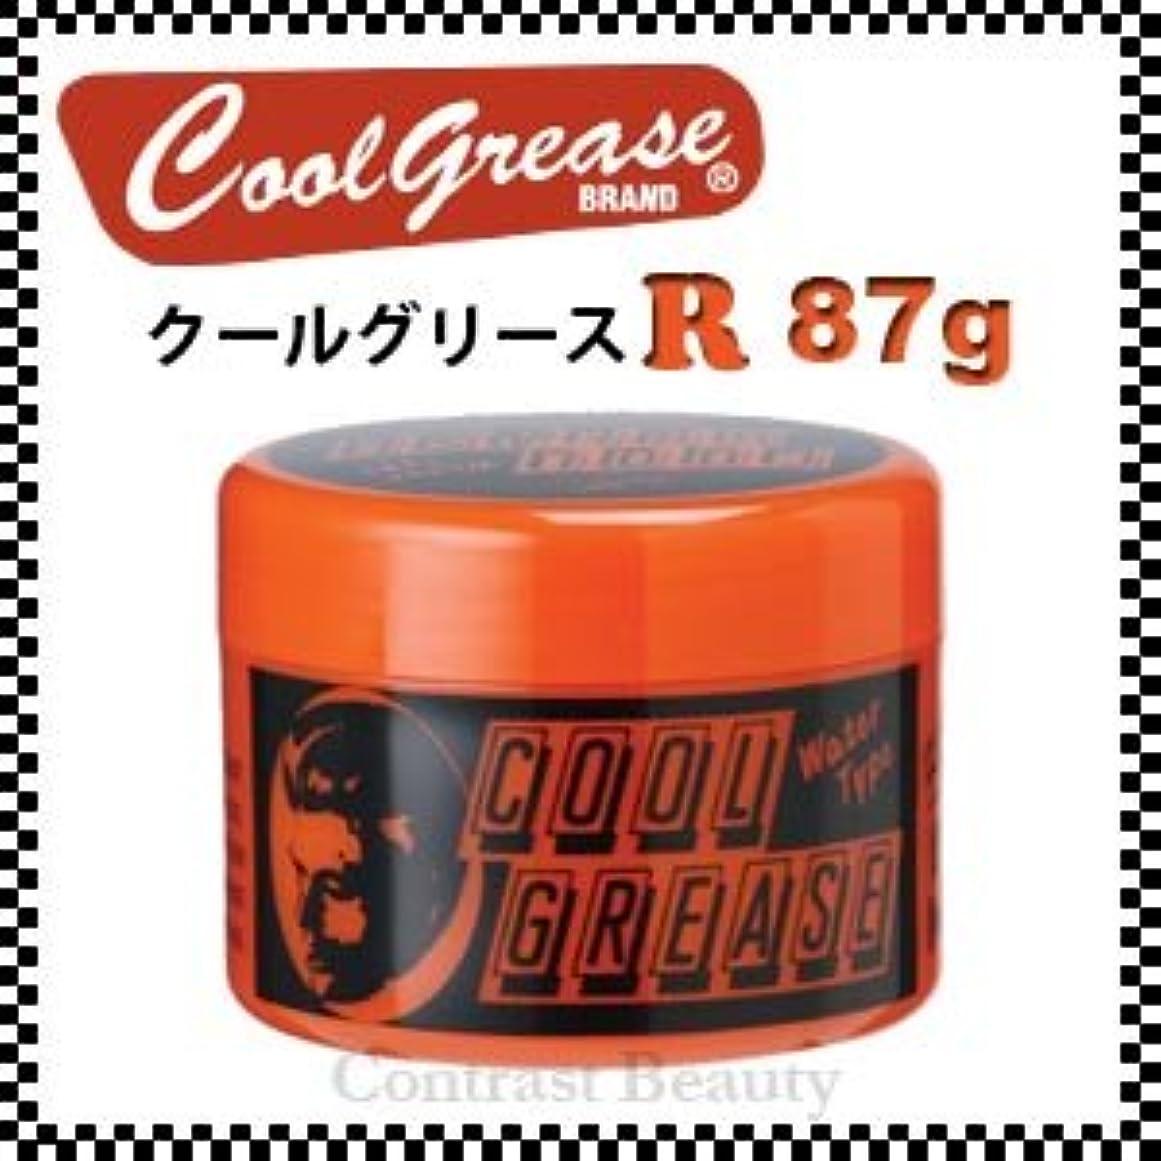 アピール原理チャンス【X2個セット】 阪本高生堂 クールグリース R 87g